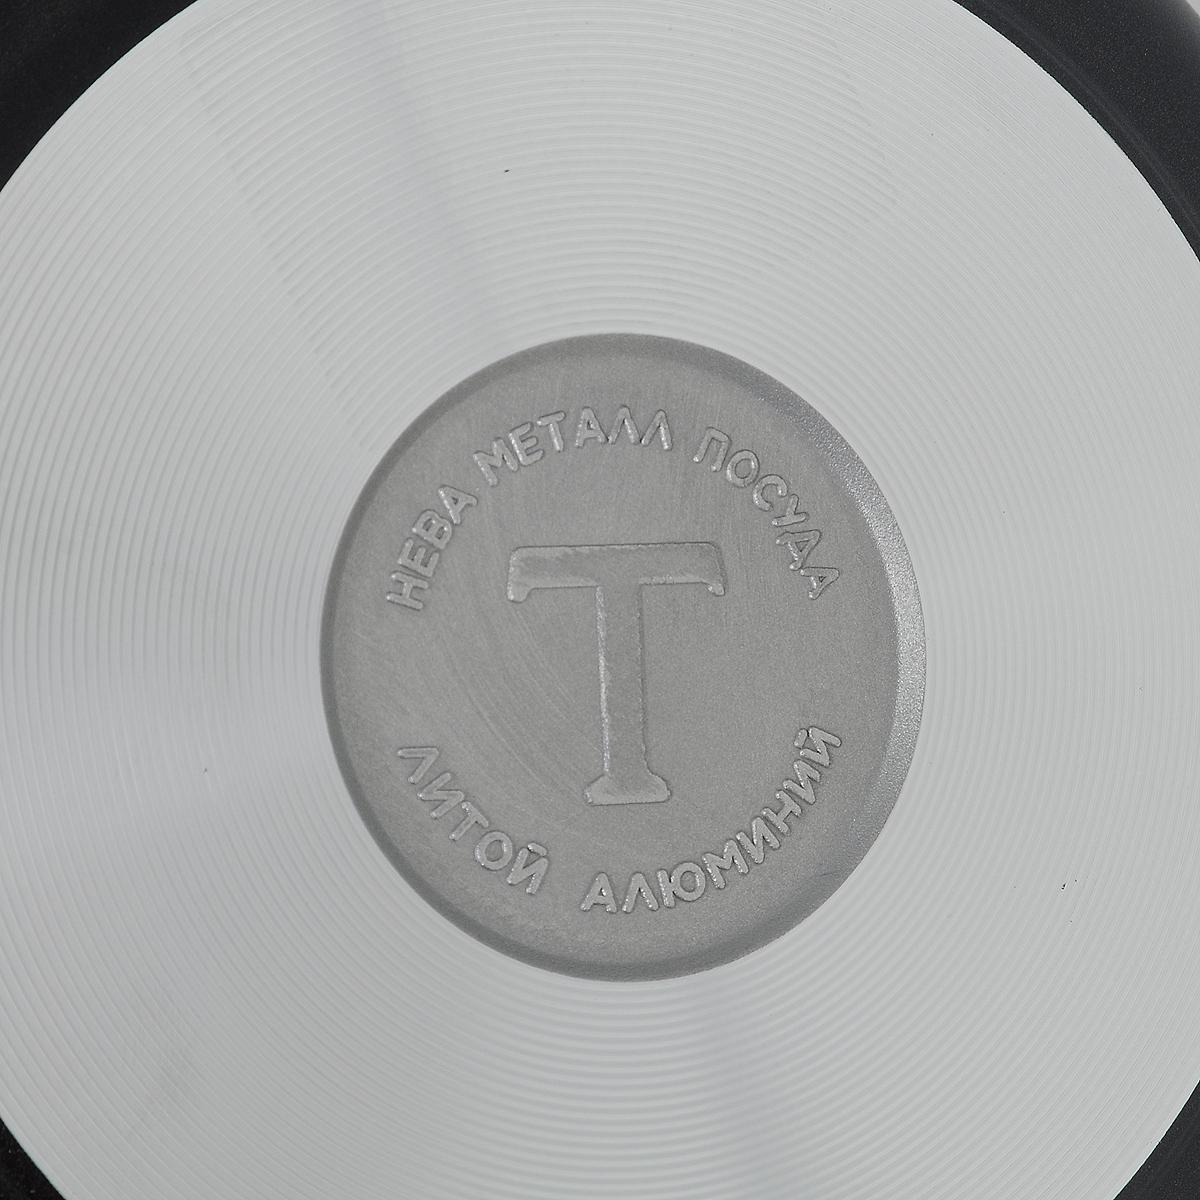 """Сковорода """"Особенная"""" из серии литой алюминиевой посуды с полимер-керамическим антипригарным покрытием повышенной износостойкости ТИТАН. Вы можете пользоваться металлическими столовыми приборами, готовя в ней пищу. 4-слойная антипригарнвя полимер-керамическая система ТИТАН ПК обладает повышенной износостойкостью, достигаемой за счет особой структуры и специальной технологии нанесения. Это собственная запатентованная разработка компании, не имеющая аналогов в России. Прототип покрытия применялся при постройке космического корабля Буран и орбитальных спутников. В состав системы ТИТАН ПК входят антипригарные слои на водной основе. Система ТИТАН ПК традиционно производится БЕЗ использования PFOA (перфтороктановой кислоты). Равномерно нагревается за счет особой конструкции корпуса по принципу """"золотого сечения"""", толстых стенок (4-4,5 мм) и ещё более толстого дна (6-8 мм). Приготовленная еда получается особенно вкусной благодаря специфическим термоаккумулирующим свойствам литого алюминия. Корпус, отлитый вручную, практически не подвержен деформации даже при сильном нагреве.        Подходит для газовых, электрических и стеклокерамических плит. Посуду можно мыть в посудомоечной машине. Не боится царапин!    Гарантия 3 года. При соблюдении правил эксплуатации срок службы не ограничен. Характеристики:  Материал: алюминий. Диаметр сковороды: 20 см. Высота стенки: 5,2 см. Длина ручки: 18 см. Диаметр дна: 14,2 см. Толщина стенок: 4 мм. Толщина дна: 6 мм. Производитель: Россия. Размер упаковки: 38 см х 21 см х 5,2 см. Артикул: 9120."""